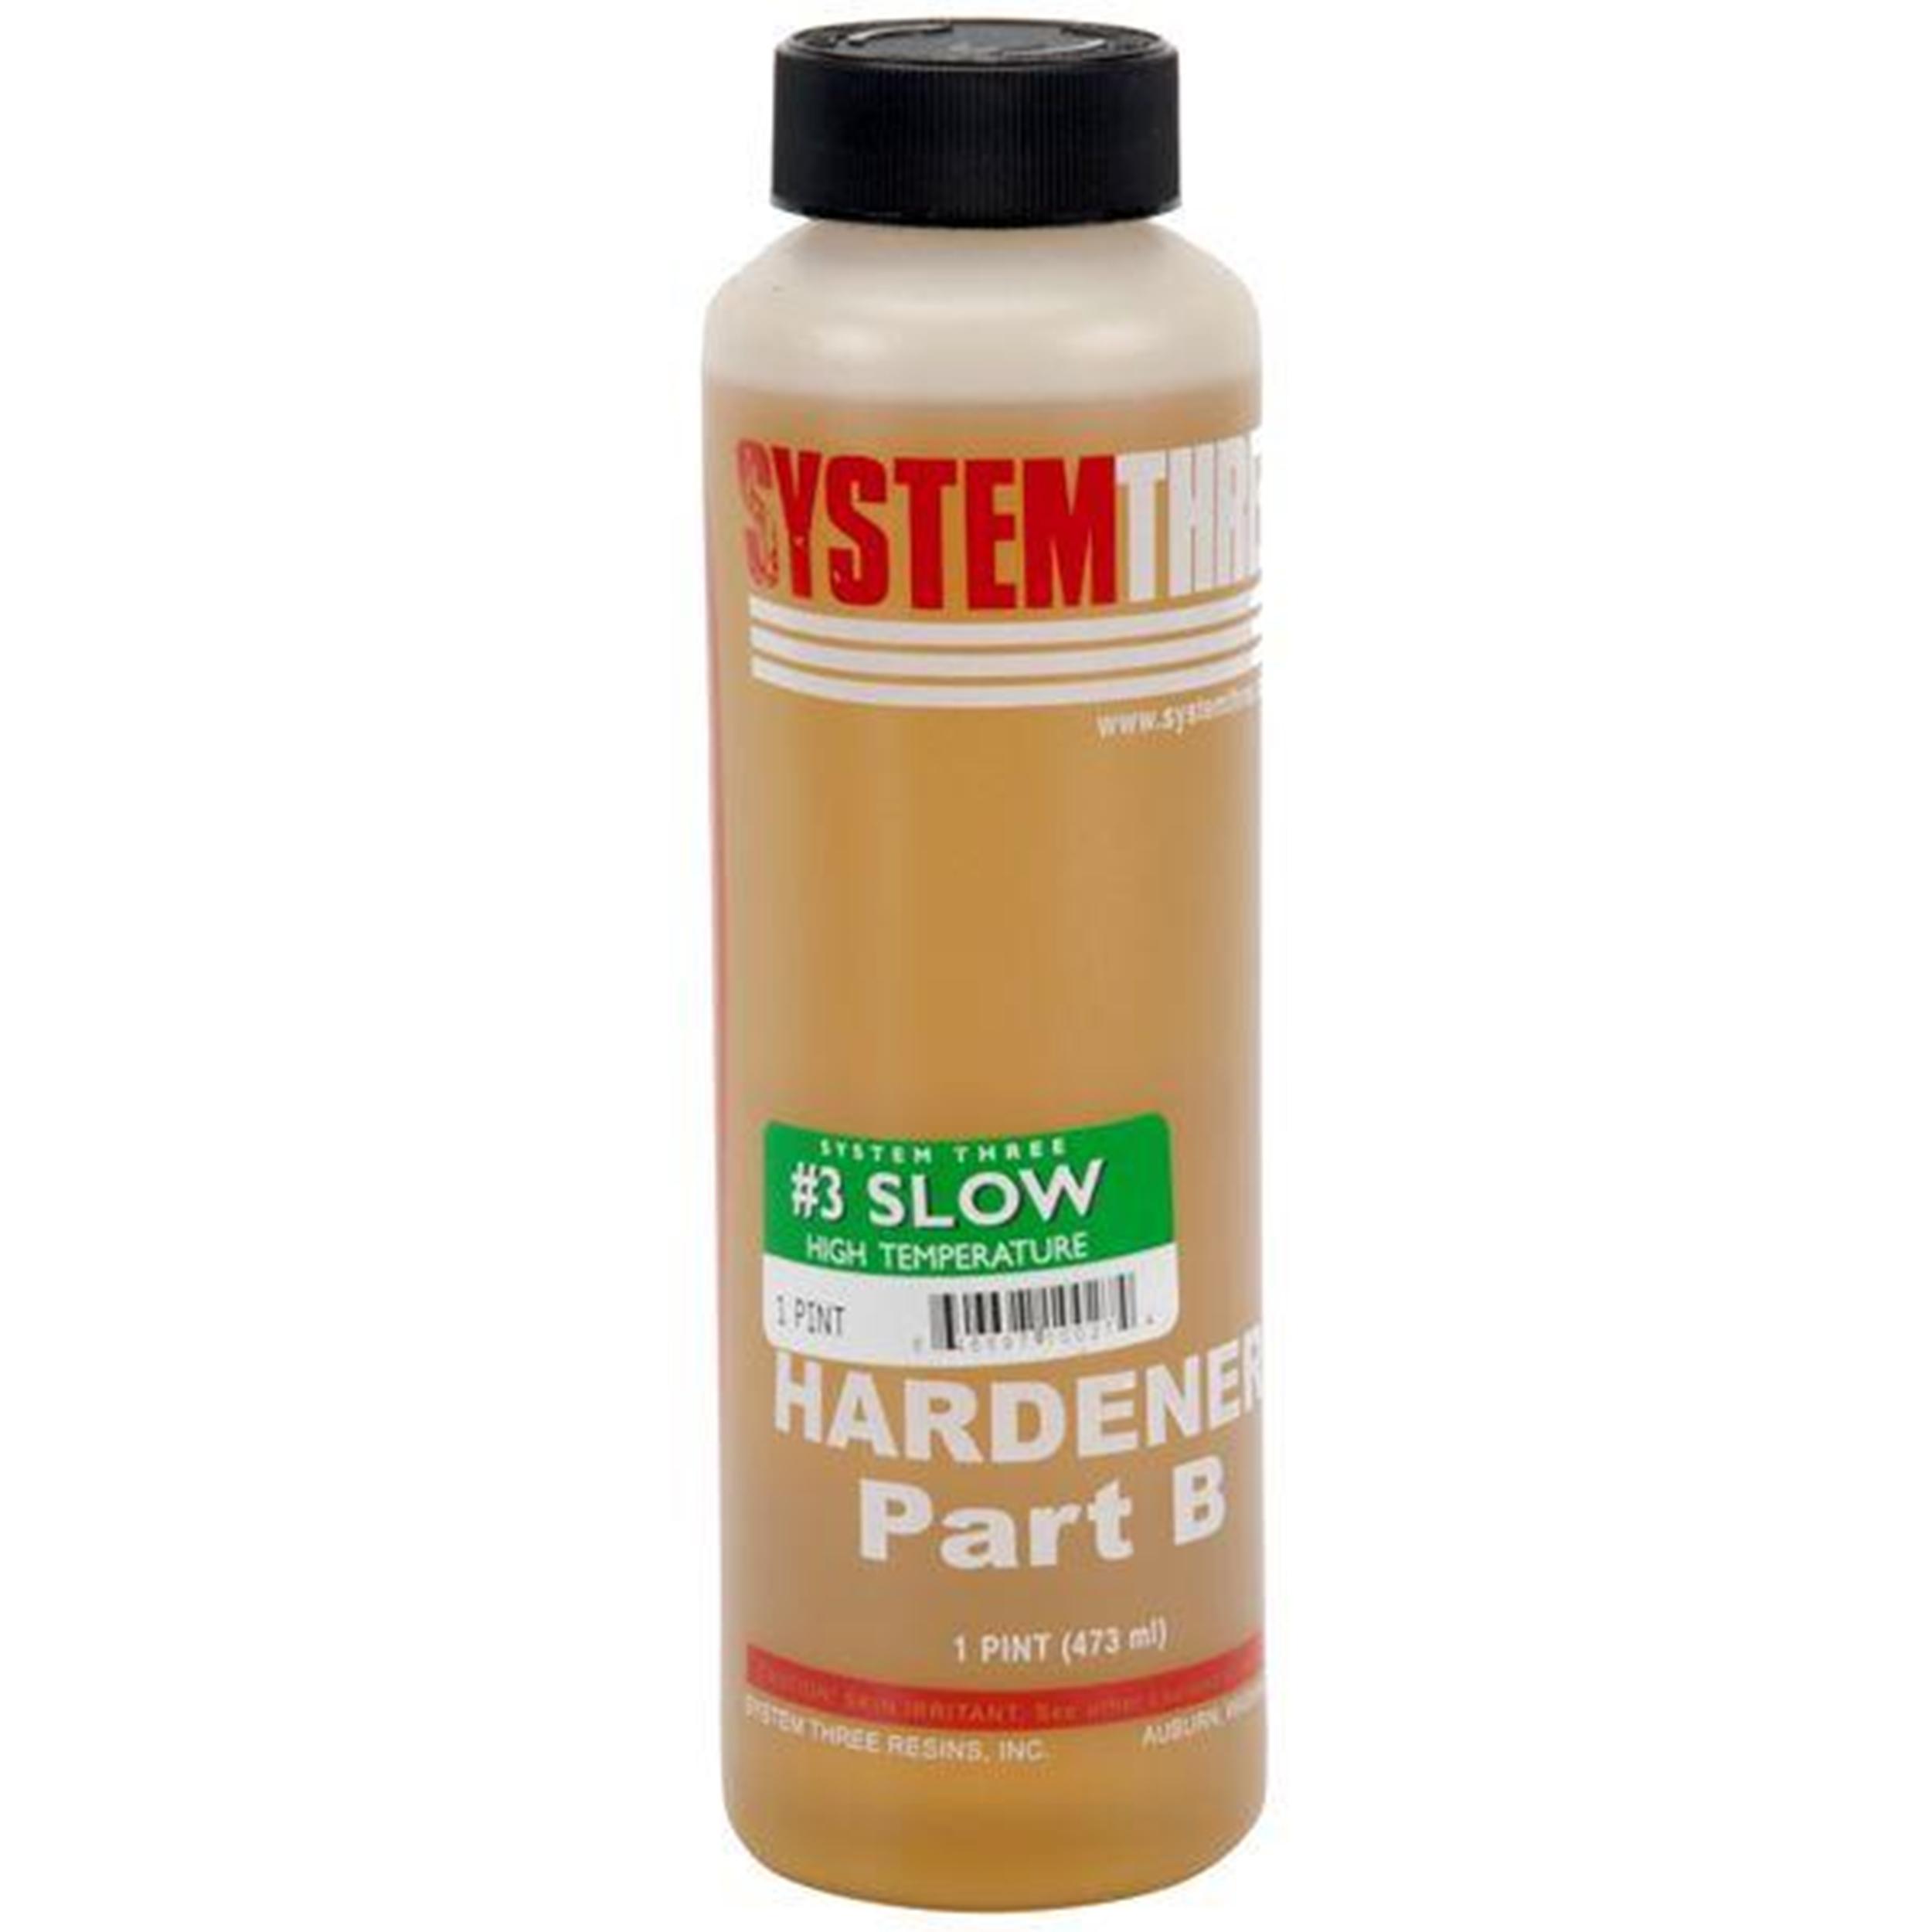 Hardener #3, Pint